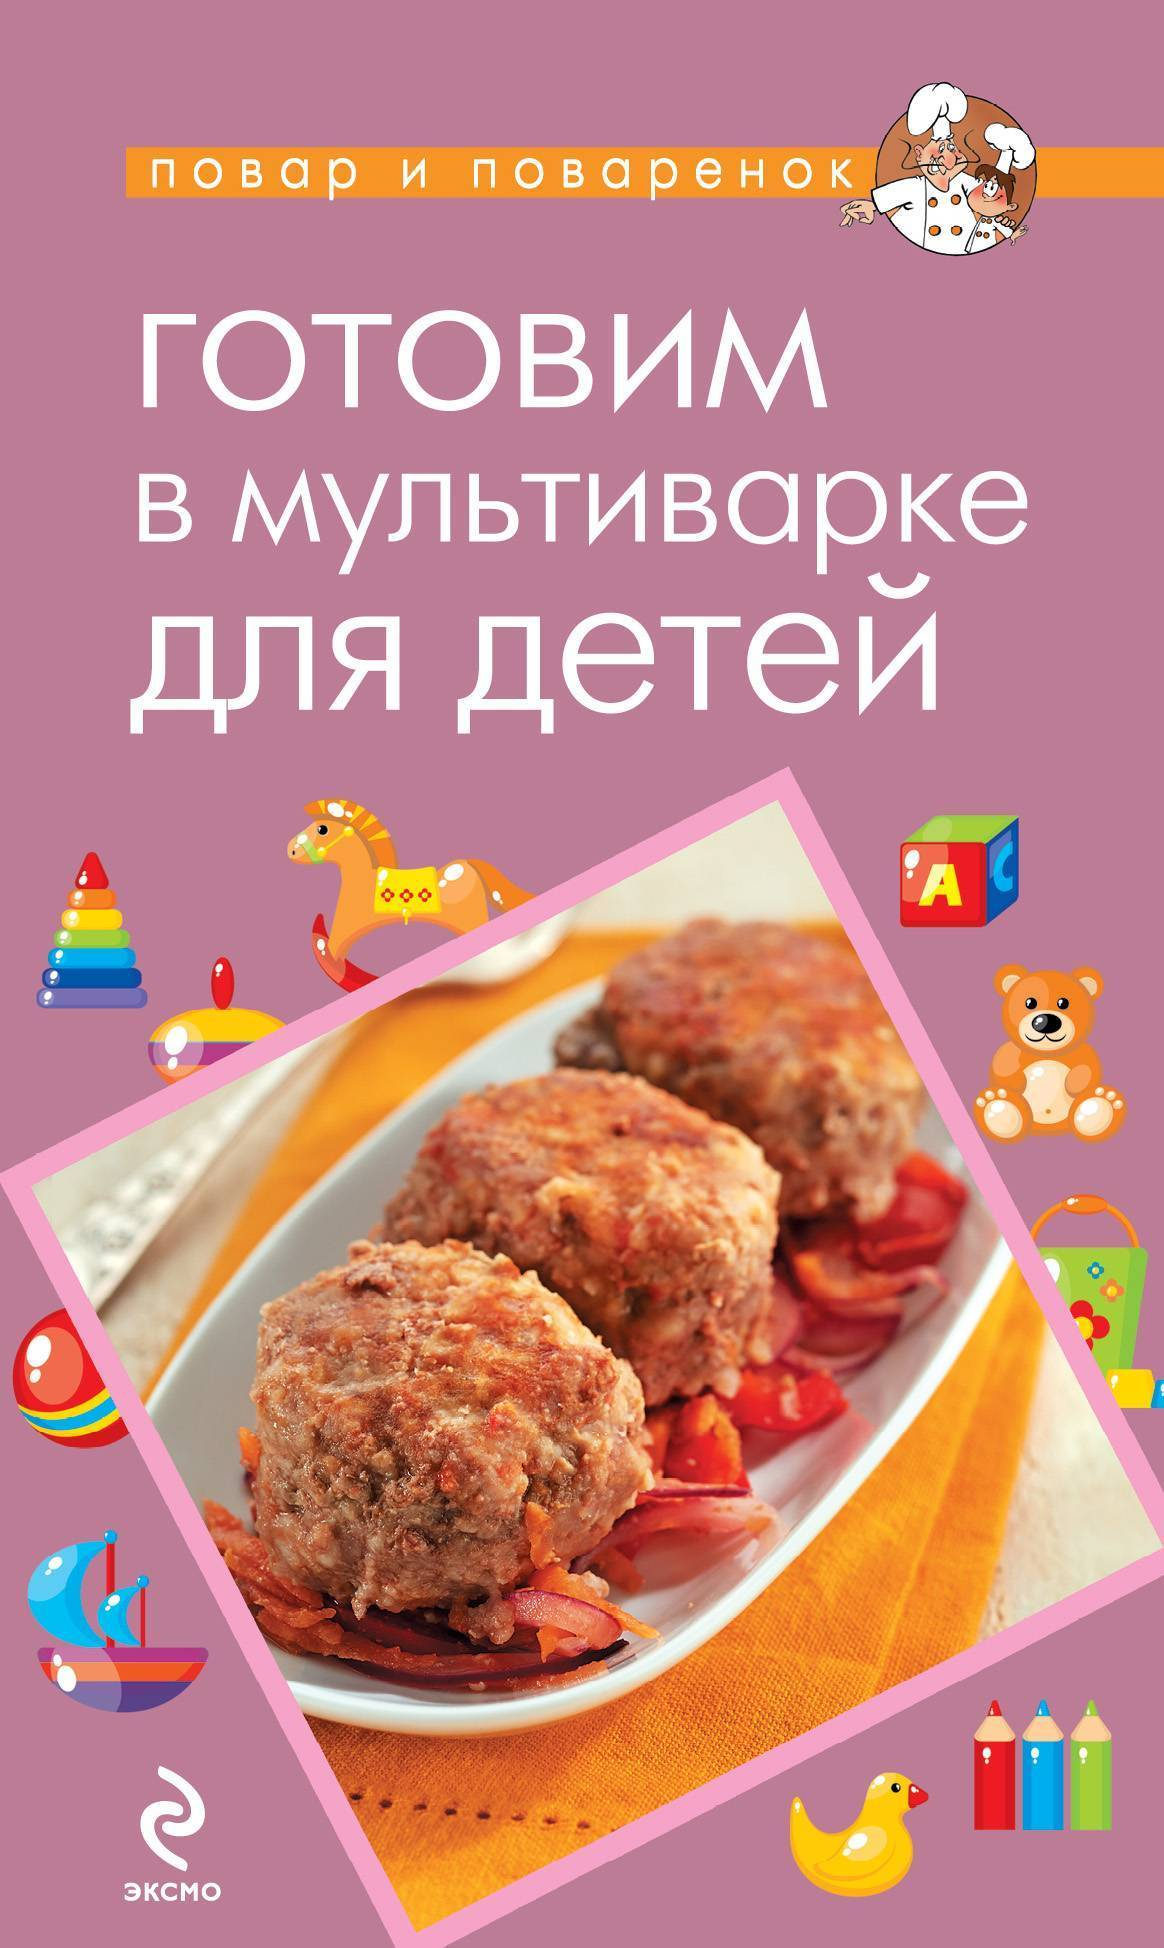 Каша в мультиварке (54 рецепта с фото) - рецепты с фотографиями на поварёнок.ру